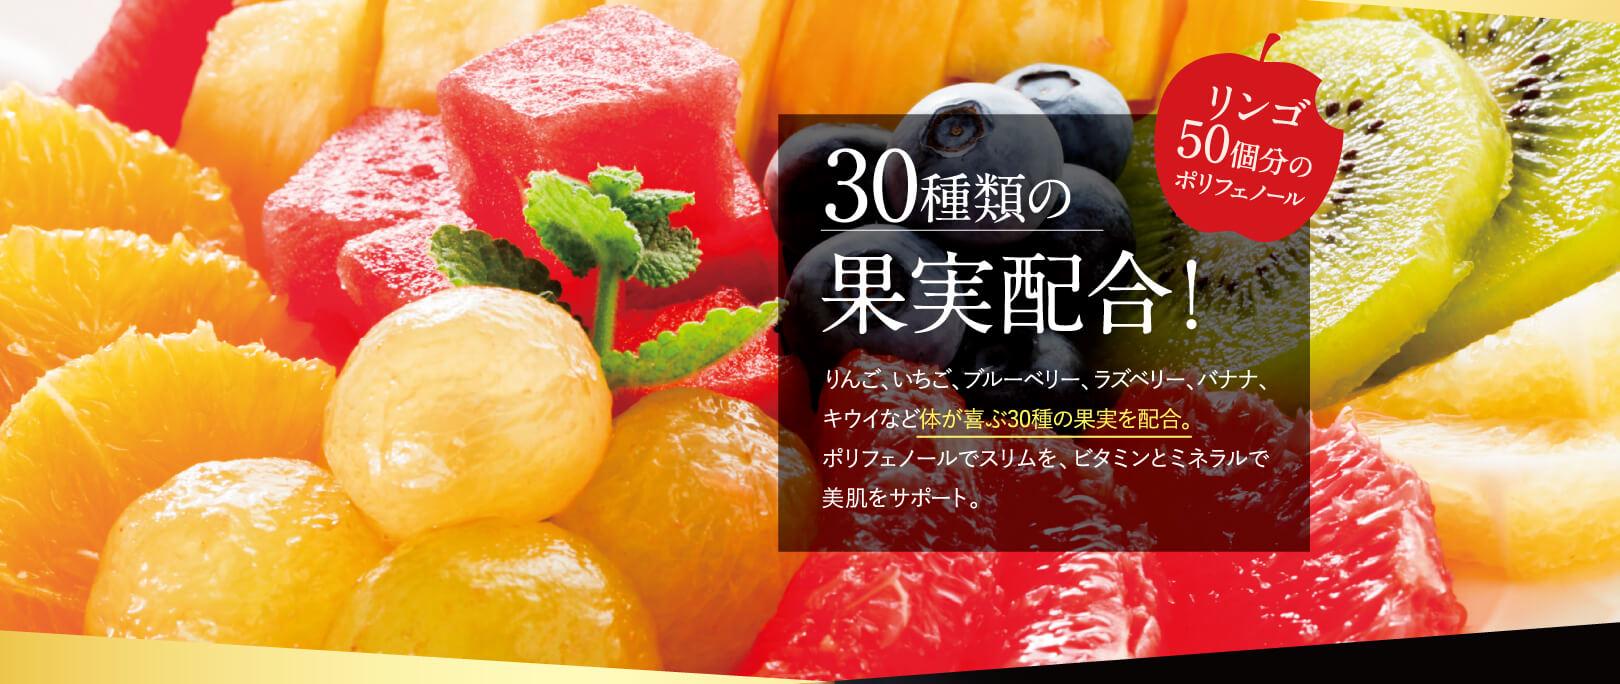 30種類の果実配合! リンゴ50個分のポリフェノール